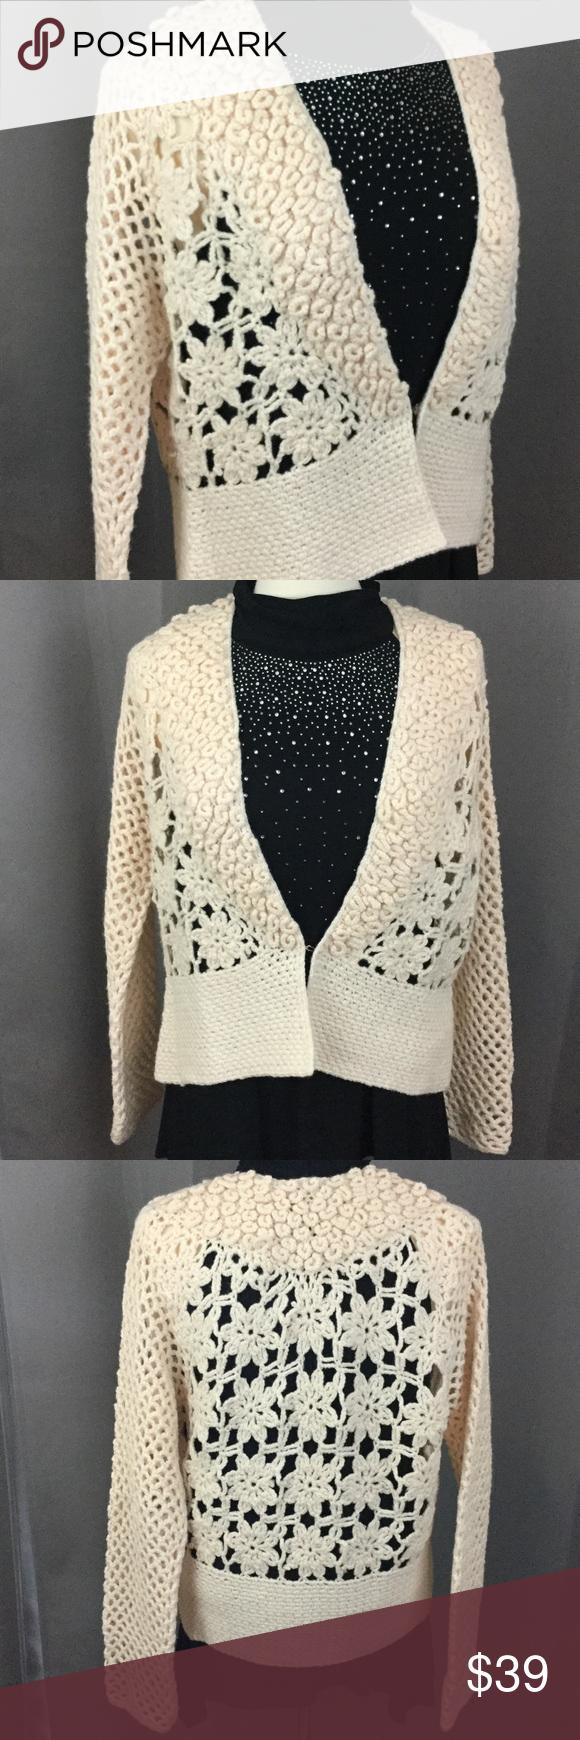 Vintage crochet cream open knit sweater Very unique cream colored ...